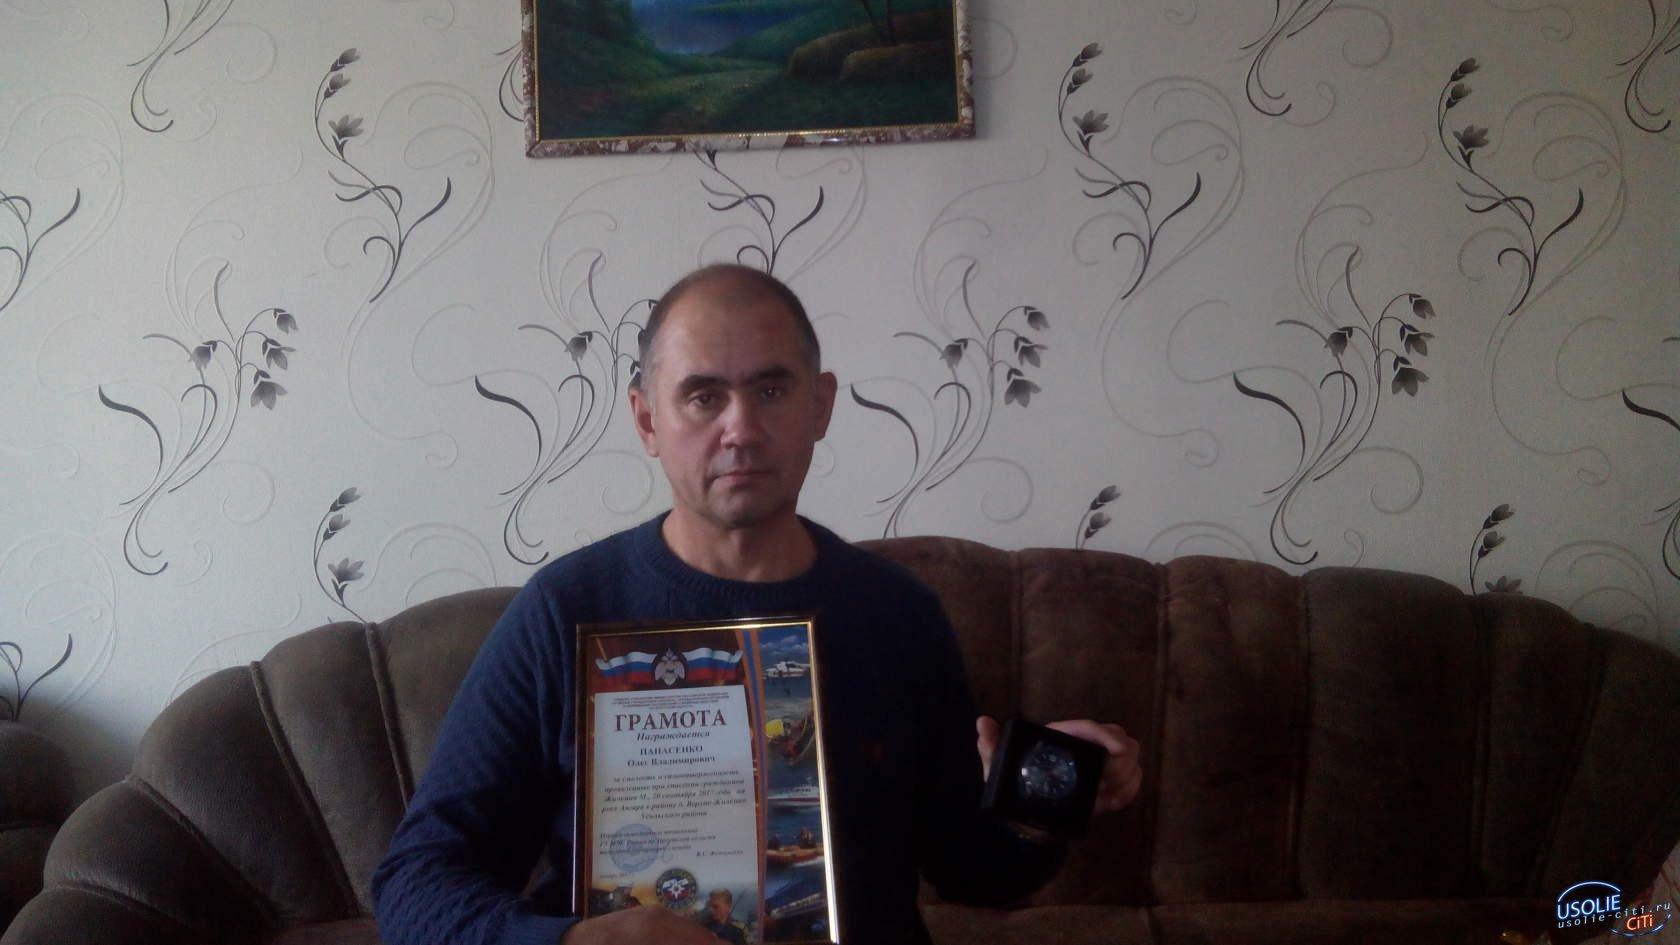 Герои среди нас.   В день спасателя МЧС наградило усольчанина Олега Панасенко за спасение человека